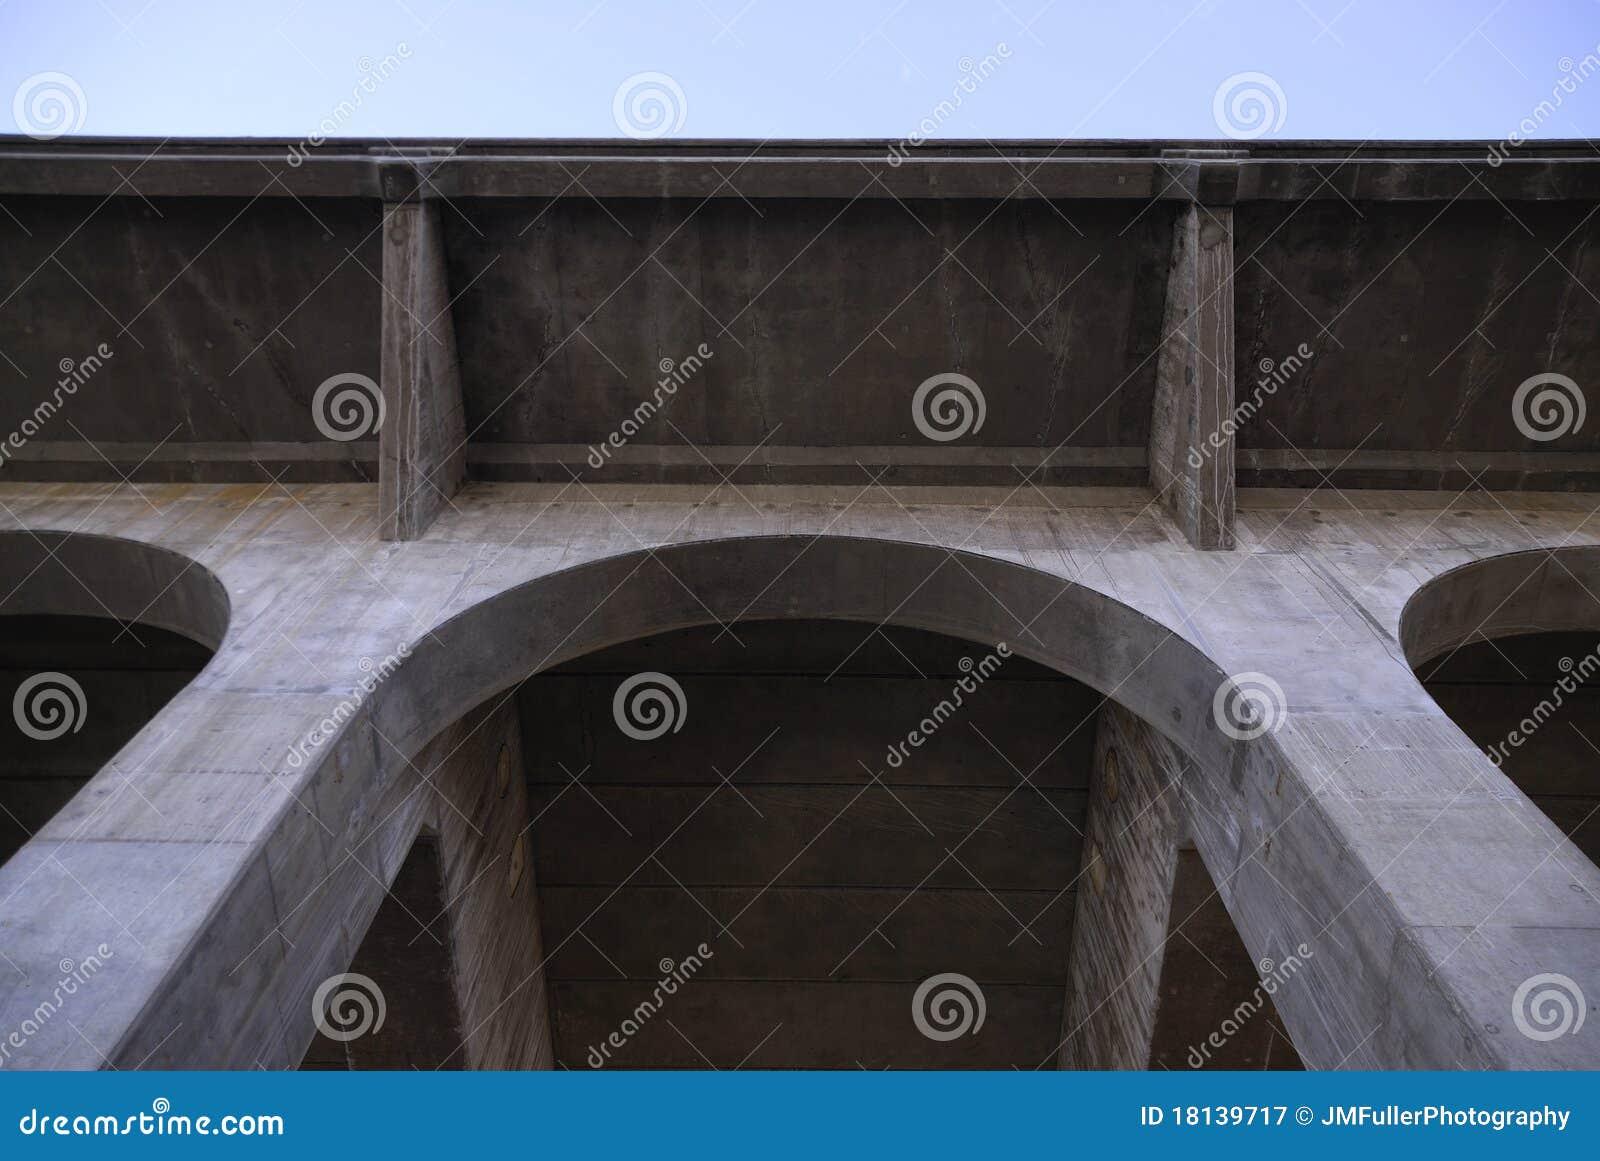 Бетон свод какой образец является стандартным для определения марки строительного раствора